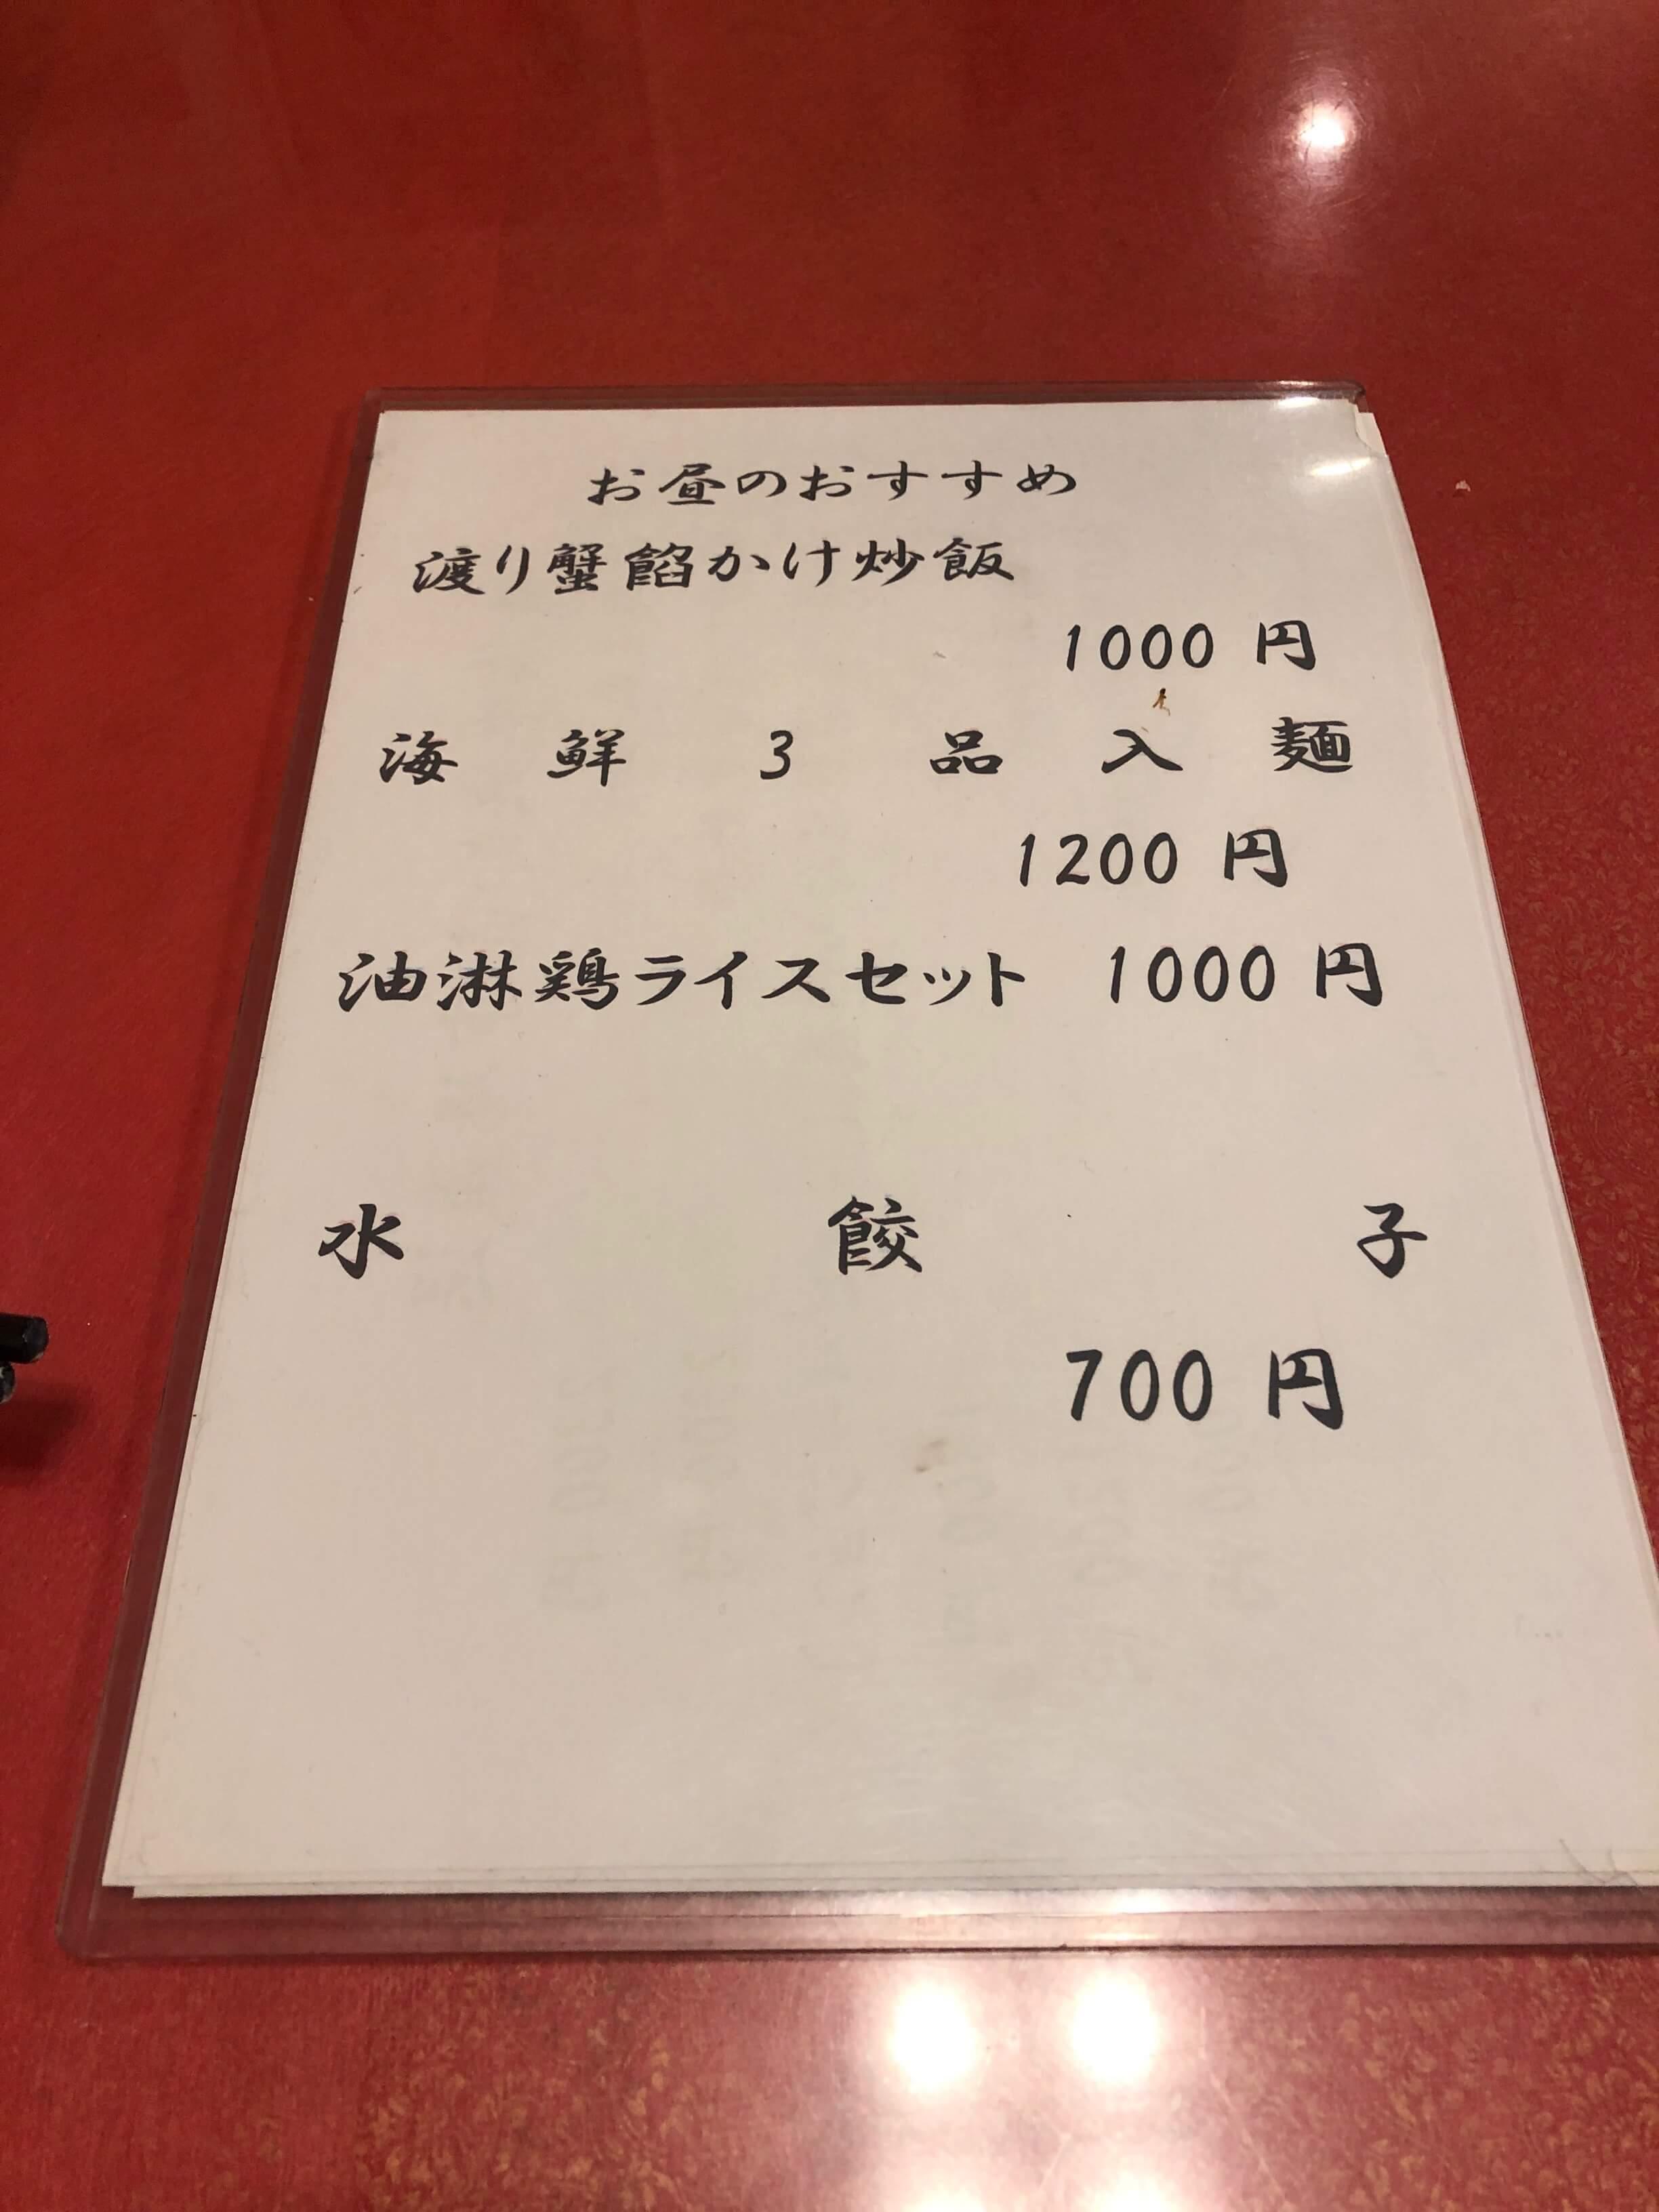 龍鳳酒家 メニュー 2019.10.03